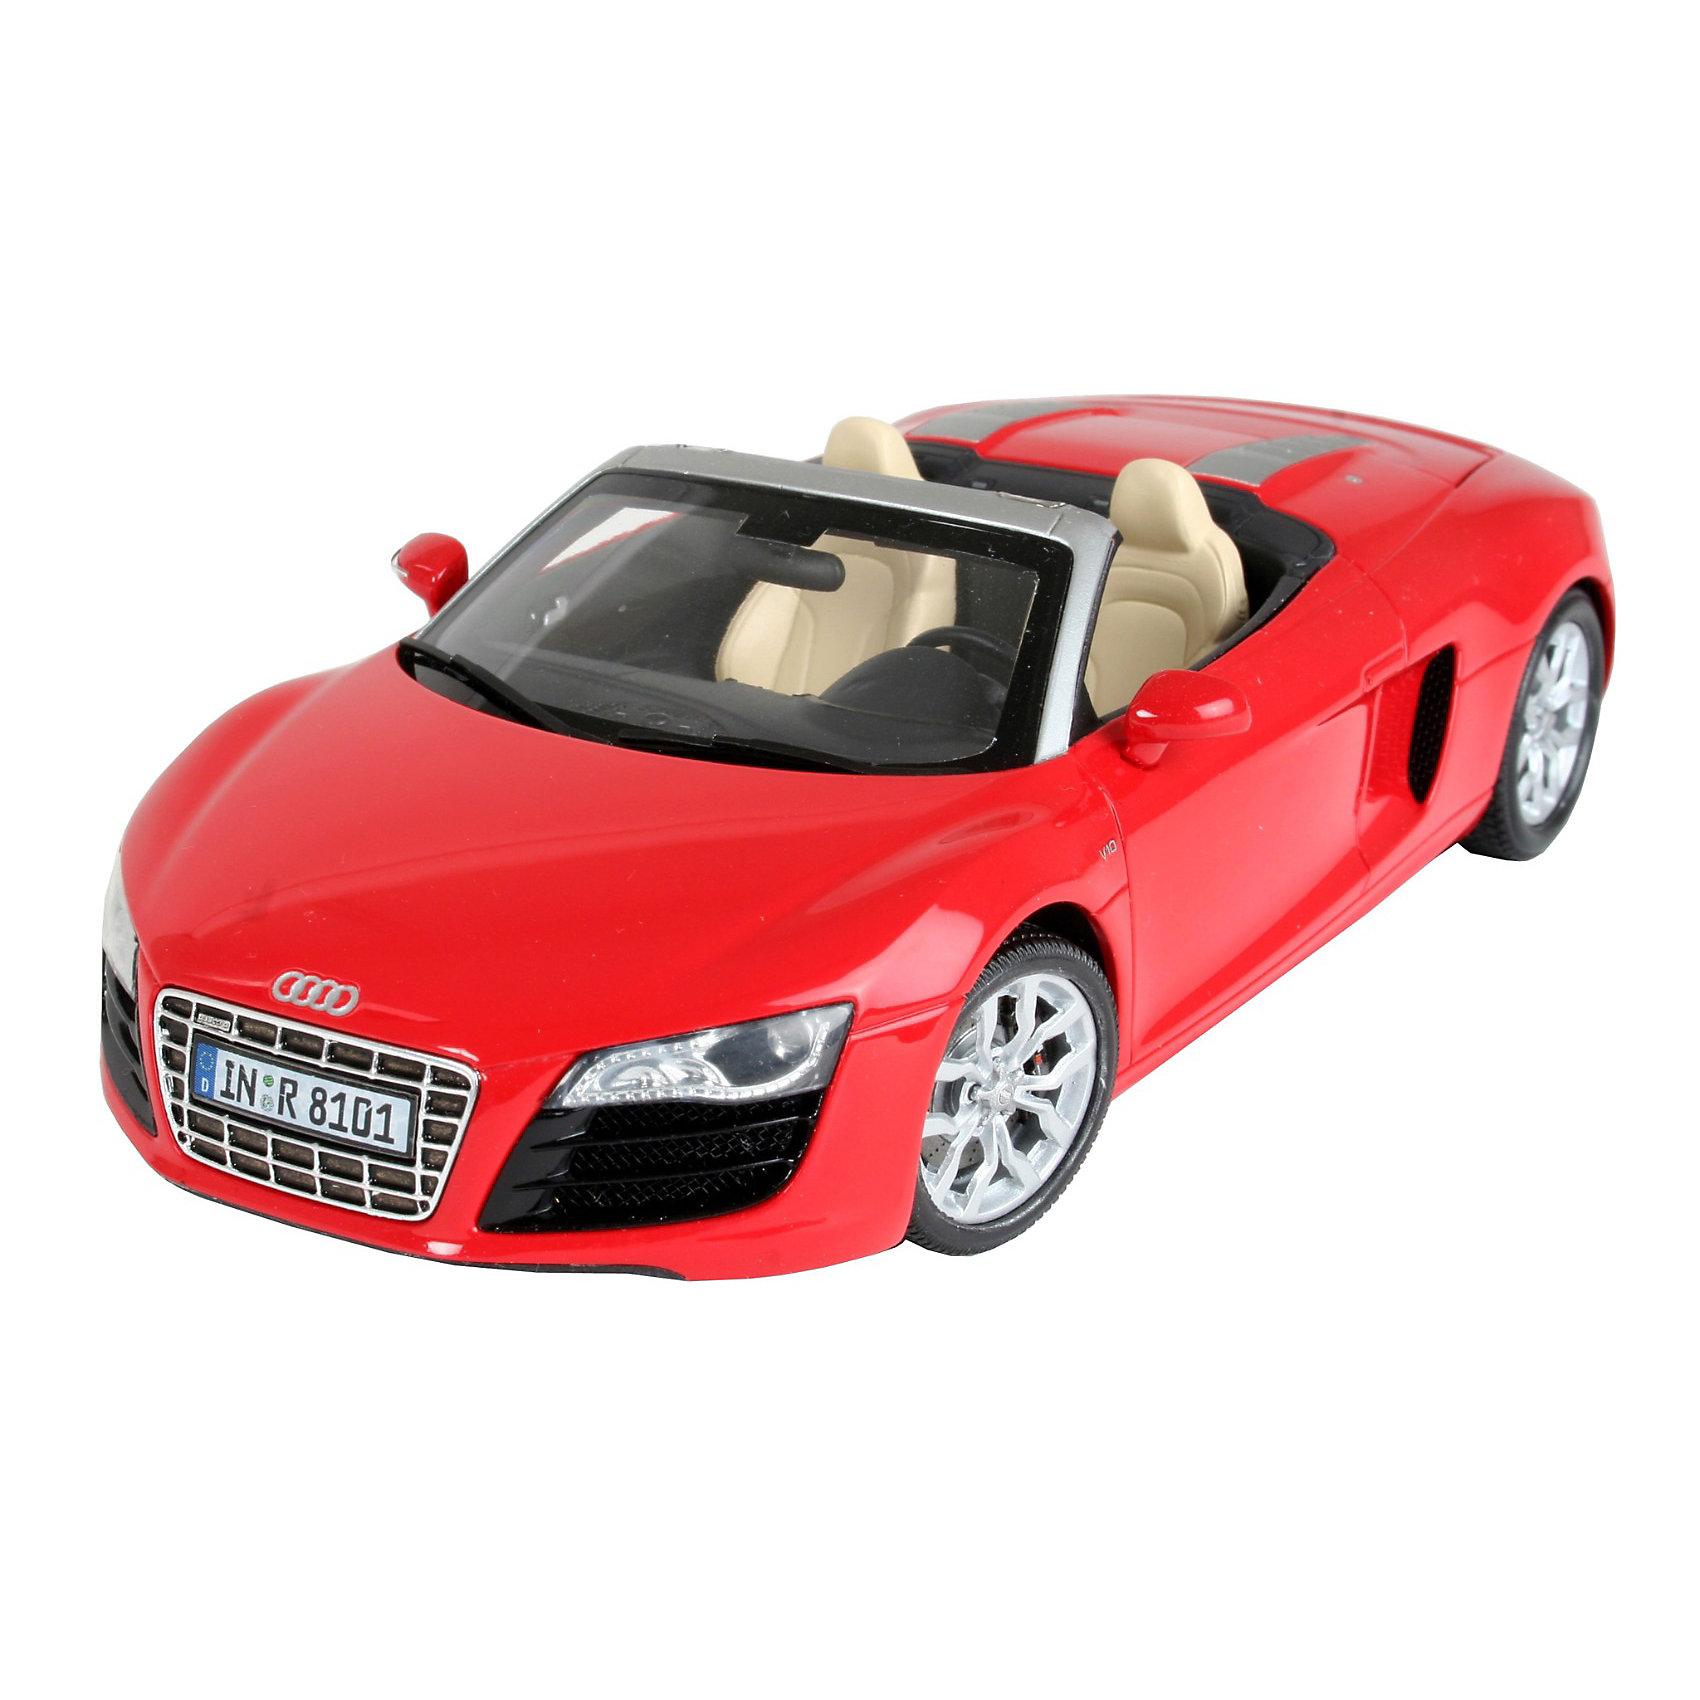 Автомобиль Audi R8 Spyder, RevellАвтомобиль Audi R8 Spyder, Revell (Ревелл) – максимально детализированная модель станет украшением комнаты и дополнением коллекции.<br>Родстер на базе Audi R8 впервые был представлен в 2009 году на Франкфуртском автосалоне. На родстере была убрана уже ставшая «визитной карточкой» R8 панель на боку автомобиля, отличающаяся по цвету от остального кузова машины. Меньше, чем за 5 секунд авто разгоняется до 100 км/ч. Мощность двигателя - 386 kW, а максимальная скорость, на которую способна эта машина - 313 км/ч. Автомобиль поражает не только внешним видом и качественными характеристиками, но и уровнем популярности. Какой мальчик и мужчина не мечтал бы хоть разок посидеть за рулем этого мощного агрегата? Теперь у вас есть возможность собрать своими руками точную копию автомобиля-мечты в уменьшенном варианте. Модель состоит из 126 деталей, которые необходимо собрать, склеить и покрыть краской в соответствии с инструкцией. В наборе также прилагаются клей в удобной упаковке, краски и кисточка. Модель тщательно проработана. Оригинальный кузов выполнен в мельчайших подробностях, а интерьер машины превосходно детализирован. Некоторые части модели хромированы. Разработанная для детей от 10 лет, сборная модель знаменитого автомобиля Audi R8 Spyder, определённо, принесёт массу положительных эмоций и взрослым любителям моделирования. Моделирование считается одним из наиболее полезных хобби, ведь оно развивает интеллектуальные и инструментальные способности, воображение и конструктивное мышление. Прививает практические навыки работы со схемами и чертежами.<br><br>Дополнительная информация:<br><br>- Возраст: для детей старше 10-и лет<br>- В наборе: комплект пластиковых деталей для сборки модели, декаль (наклейки), базовые акриловые краски, клей, кисточка, инструкция<br>- Количество деталей: 126 шт.<br>- Масштаб: 1:24<br>- Длина модели: 185 мм.<br>- Уровень сложности: 3 (из 5)<br>- Дополнительно потребуются: кусачки, для того чтобы отделить детали с ли